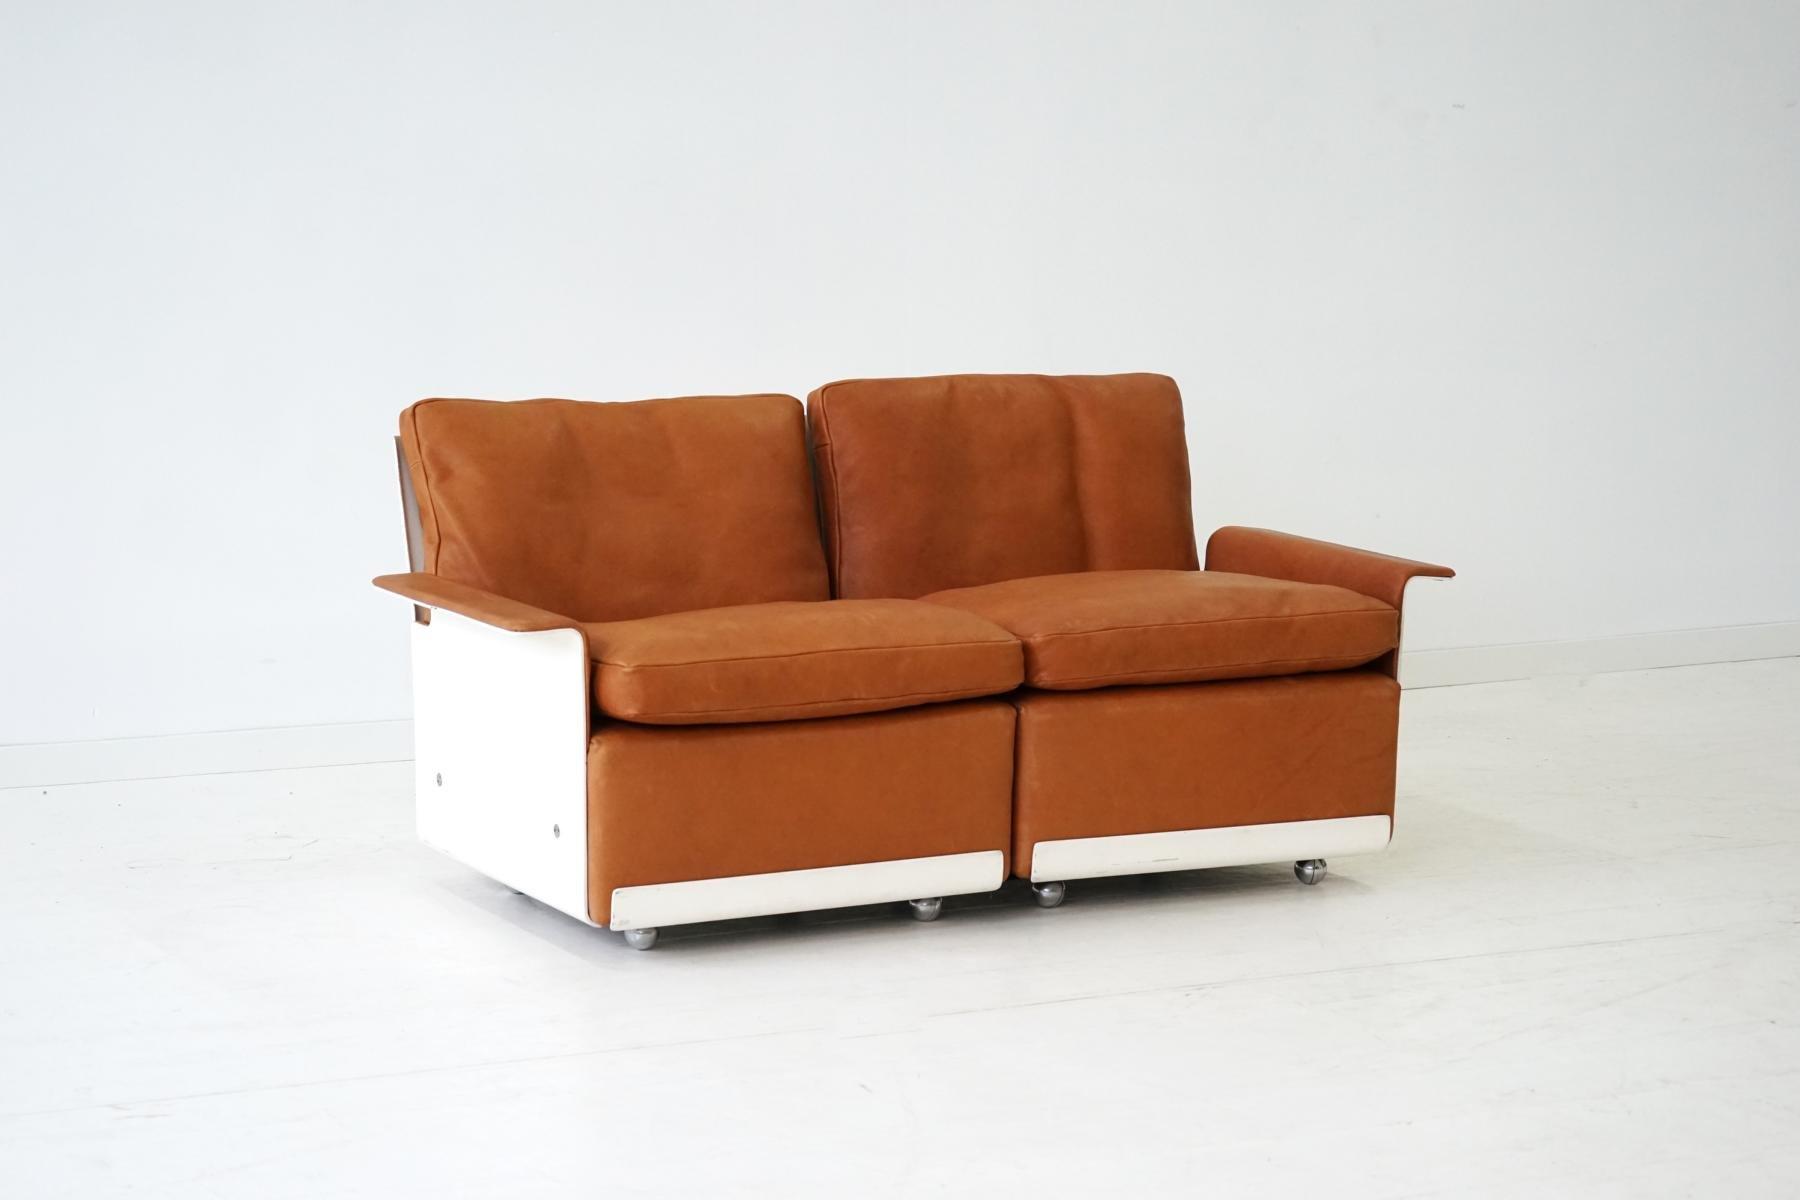 modulares rz 62 620 zwei sitzer sofa aus leder von dieter. Black Bedroom Furniture Sets. Home Design Ideas